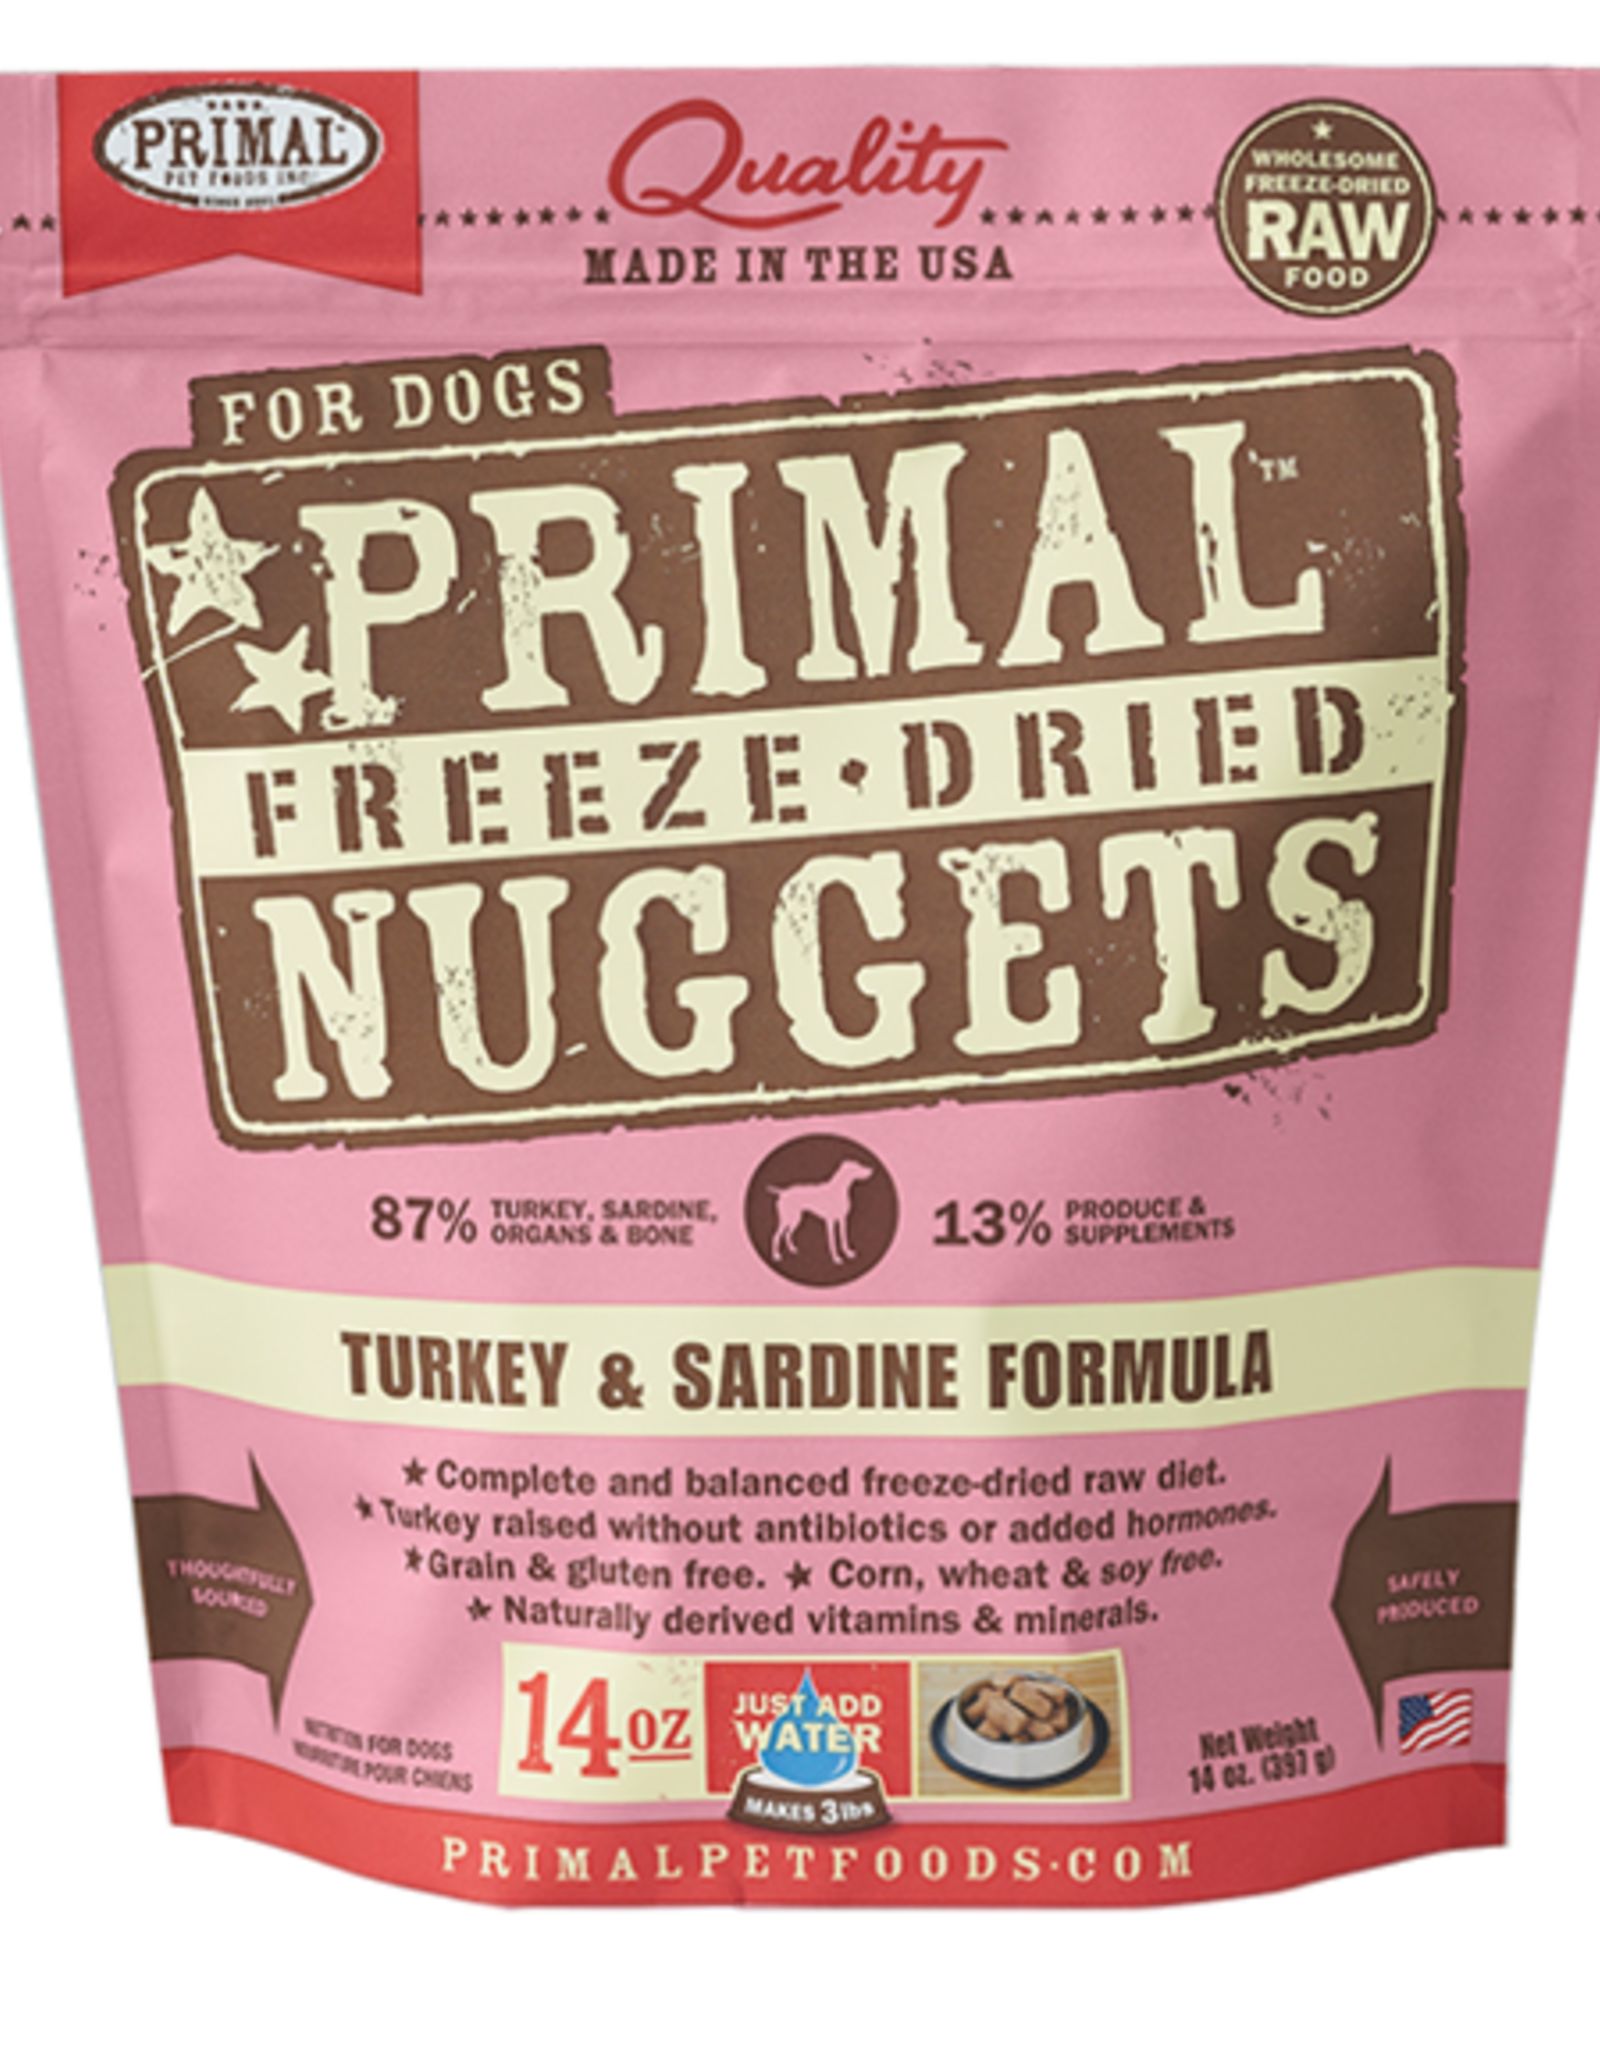 Primal Freeze Dried Raw Dog Food Turkey & Sardine Formula